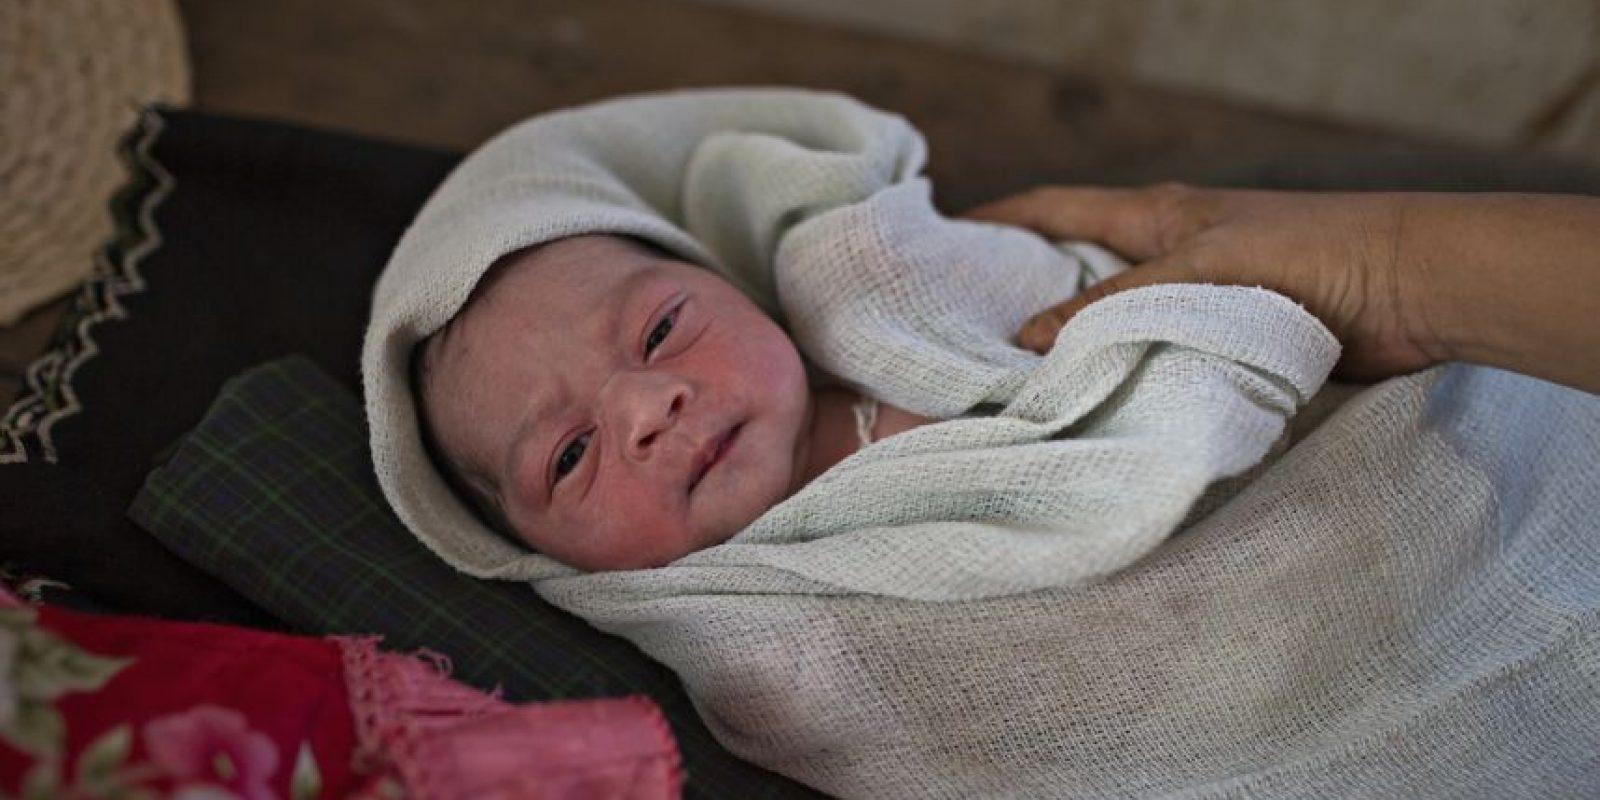 Los niños deben tener al menos 15 días de edad. Foto:Getty Images